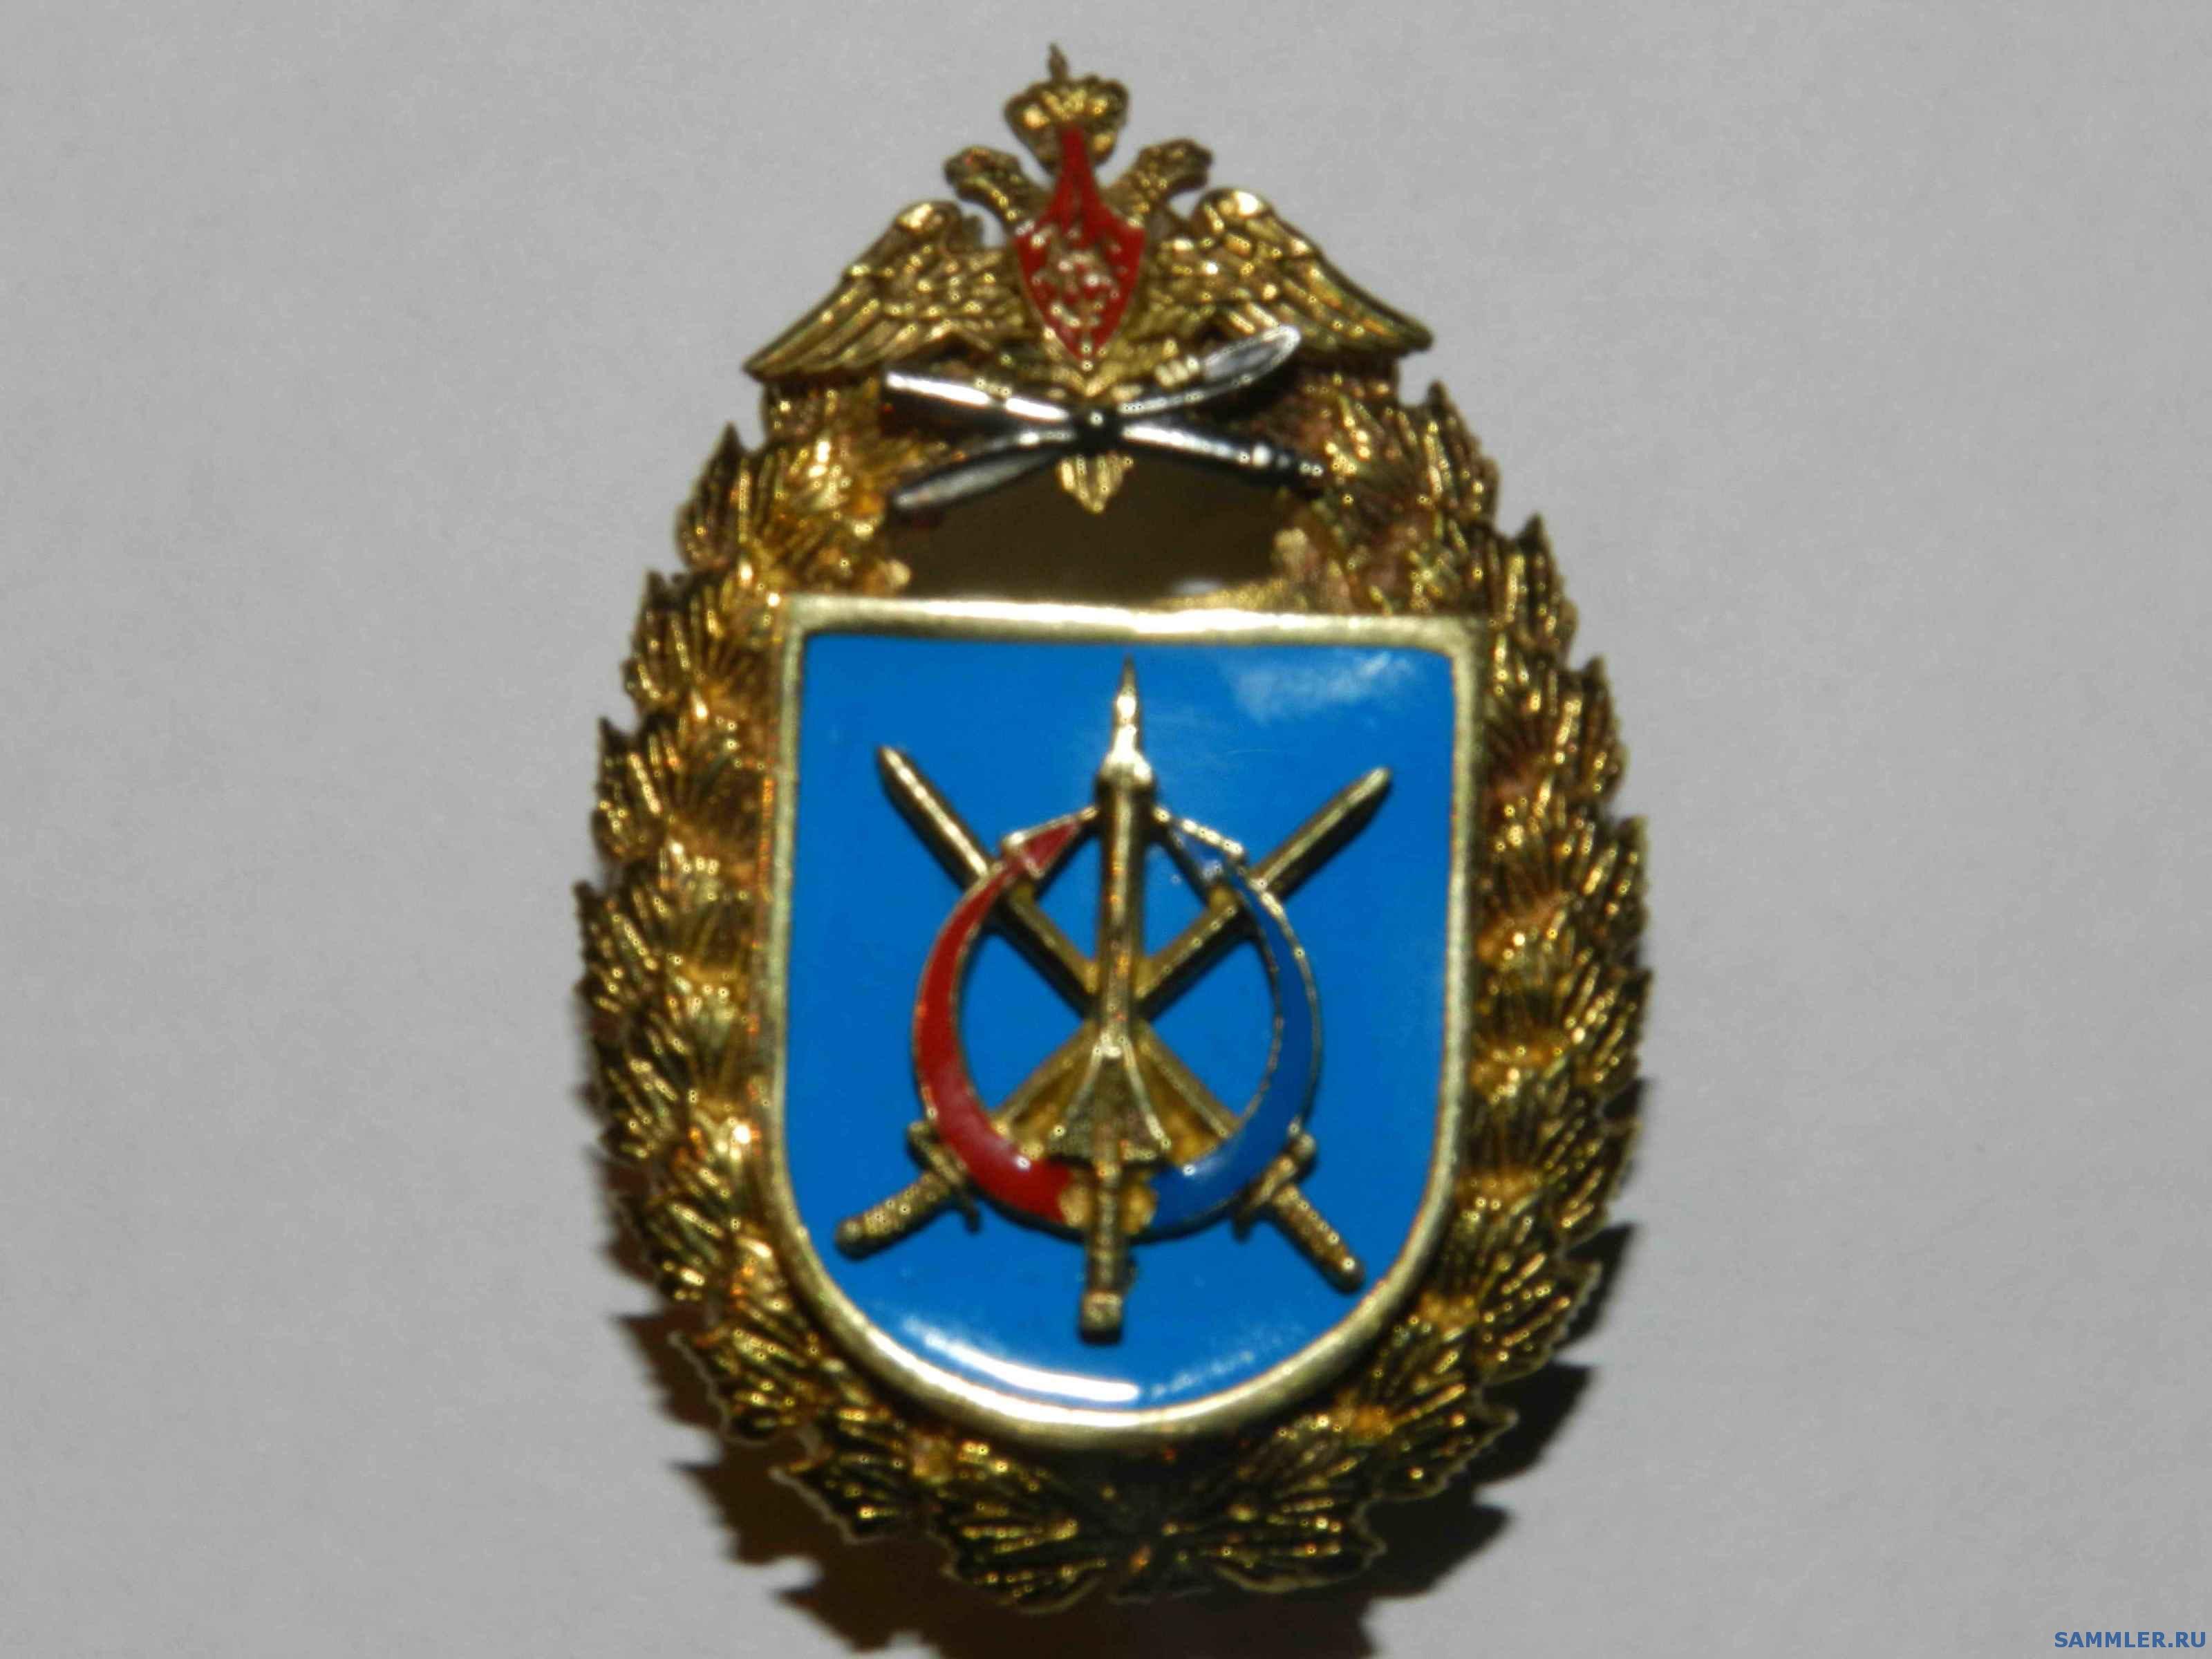 DSCN2605.JPG